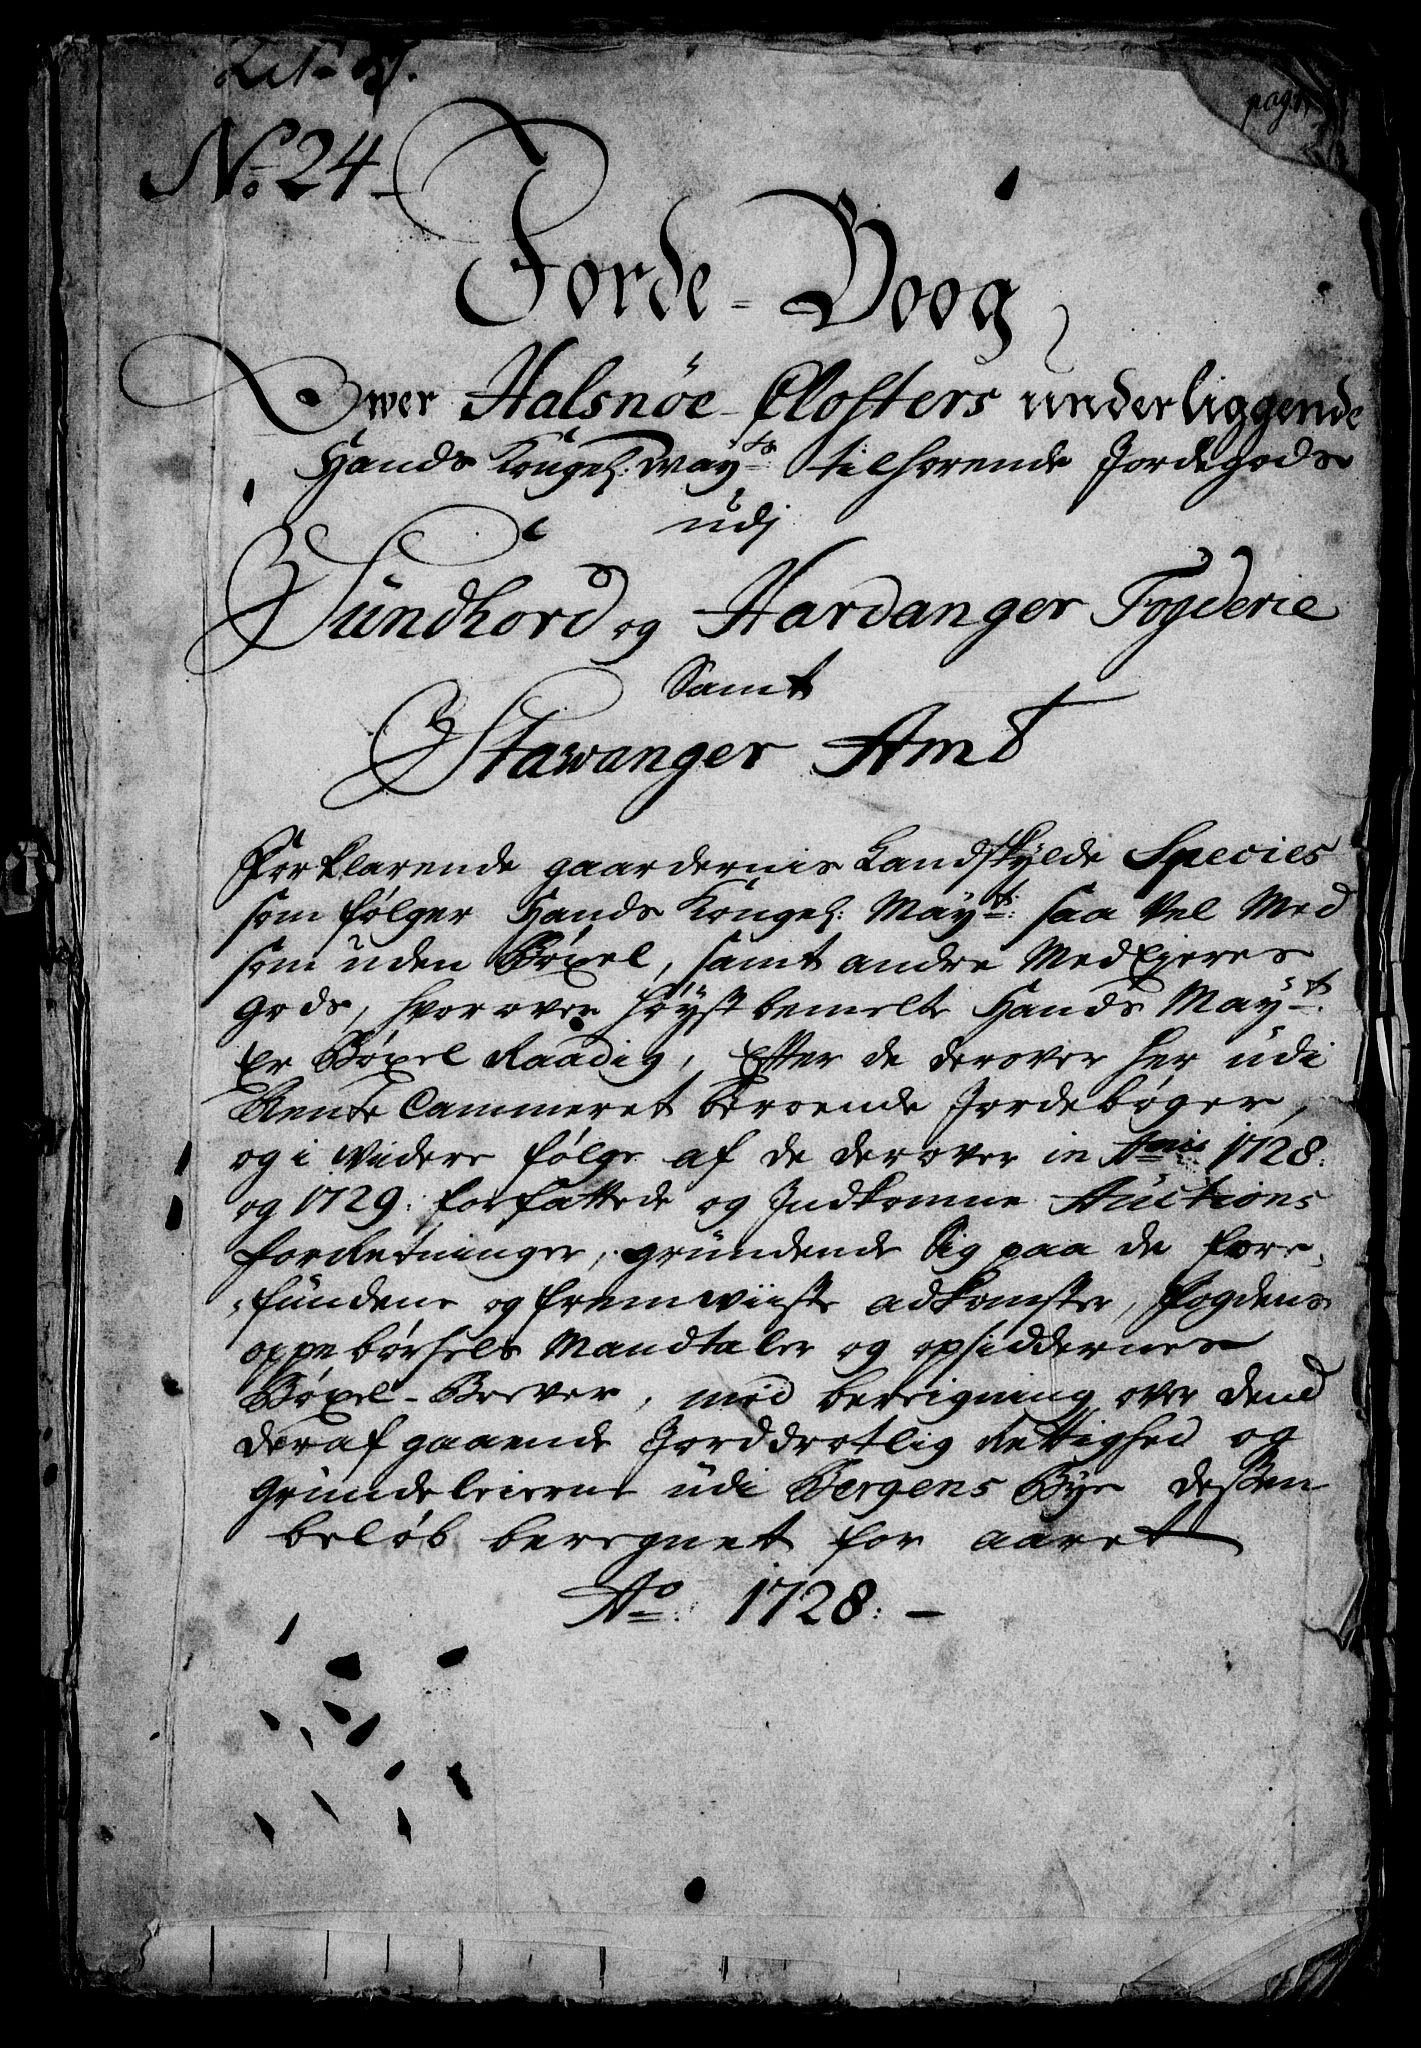 RA, Rentekammeret inntil 1814, Realistisk ordnet avdeling, On/L0003: [Jj 4]: Kommisjonsforretning over Vilhelm Hanssøns forpaktning av Halsnøy klosters gods, 1721-1729, s. 432